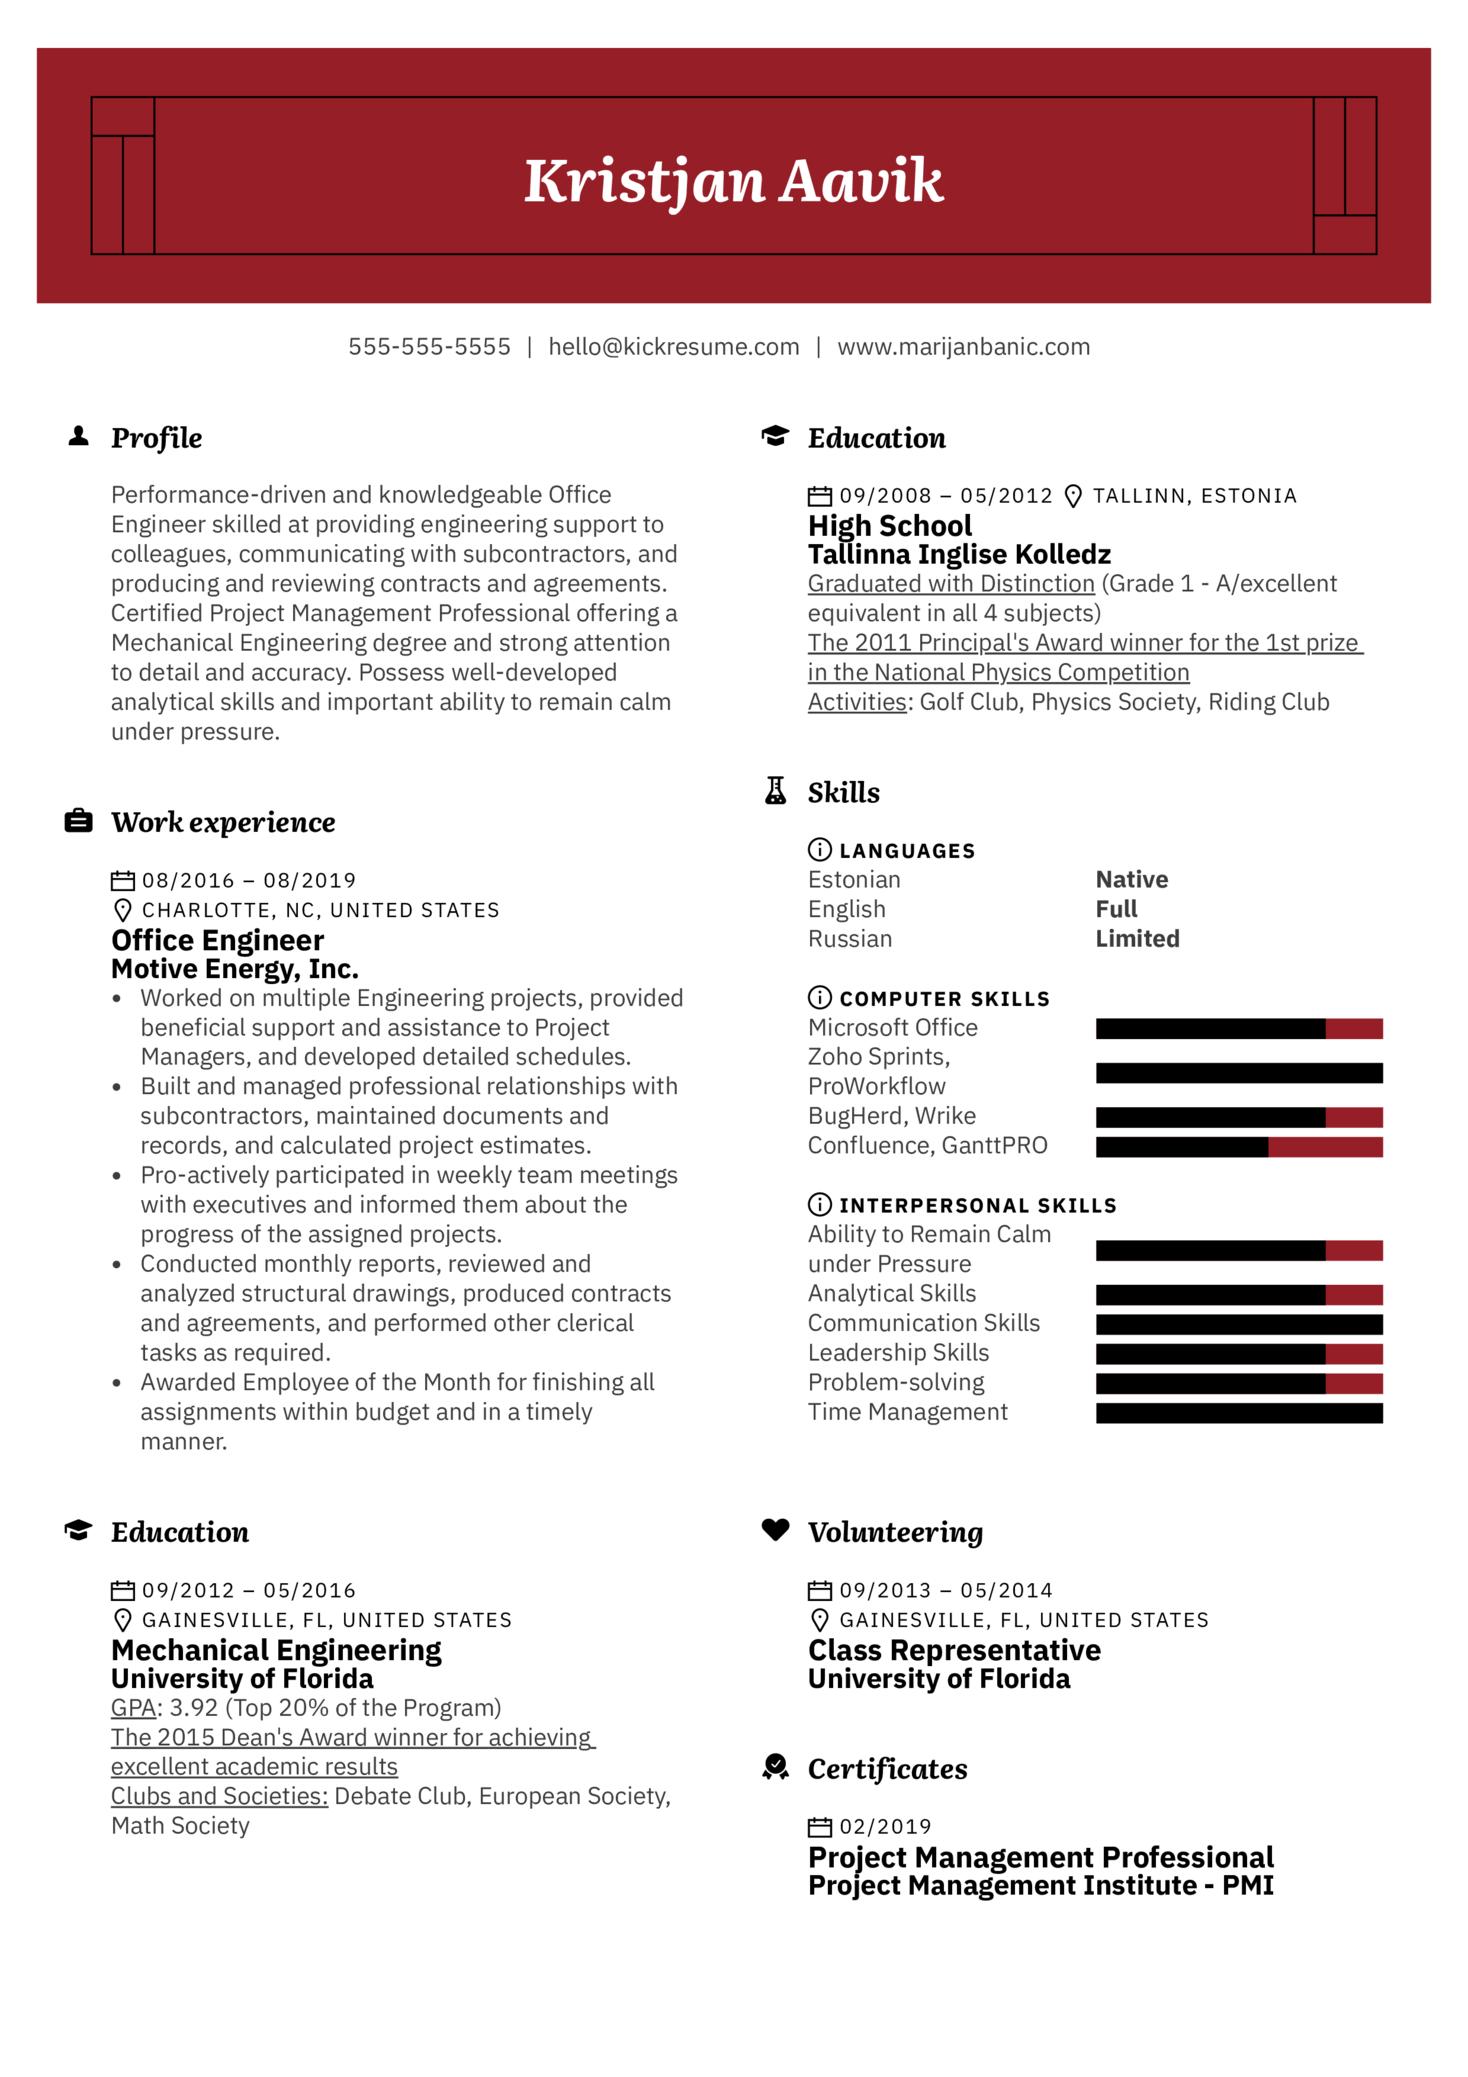 Office Engineer Resume Sample (Parte 1)